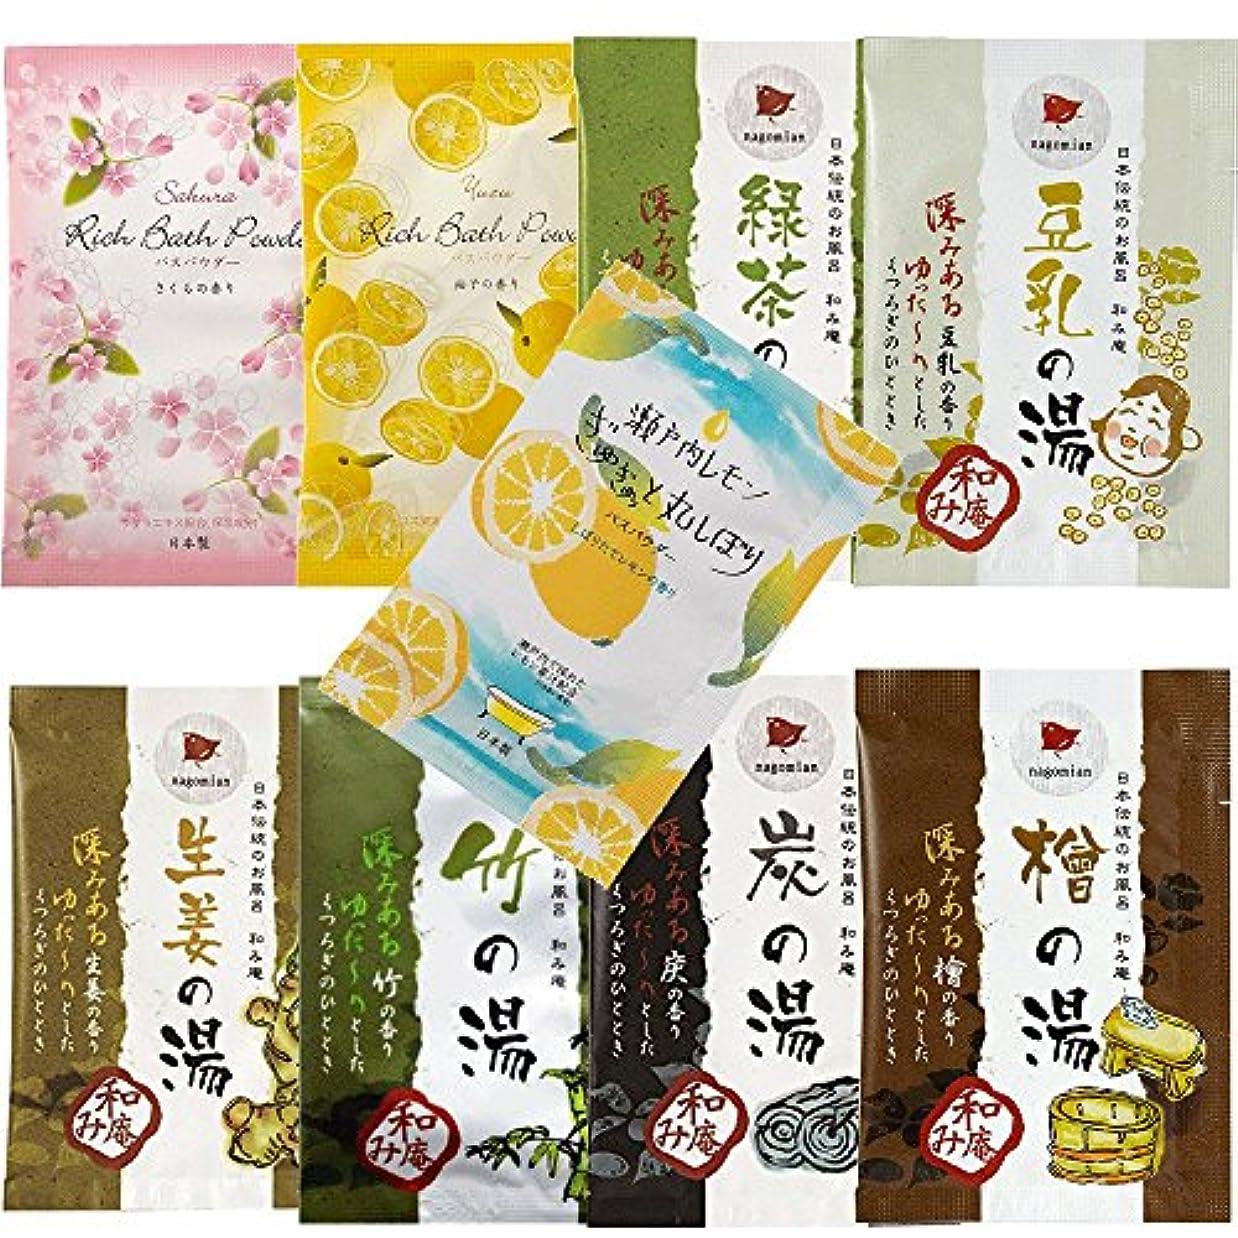 水分好きである正当な日本伝統のお風呂 和み庵 6種類 + バスパウダー 3種類セット 和風入浴剤 9包セット